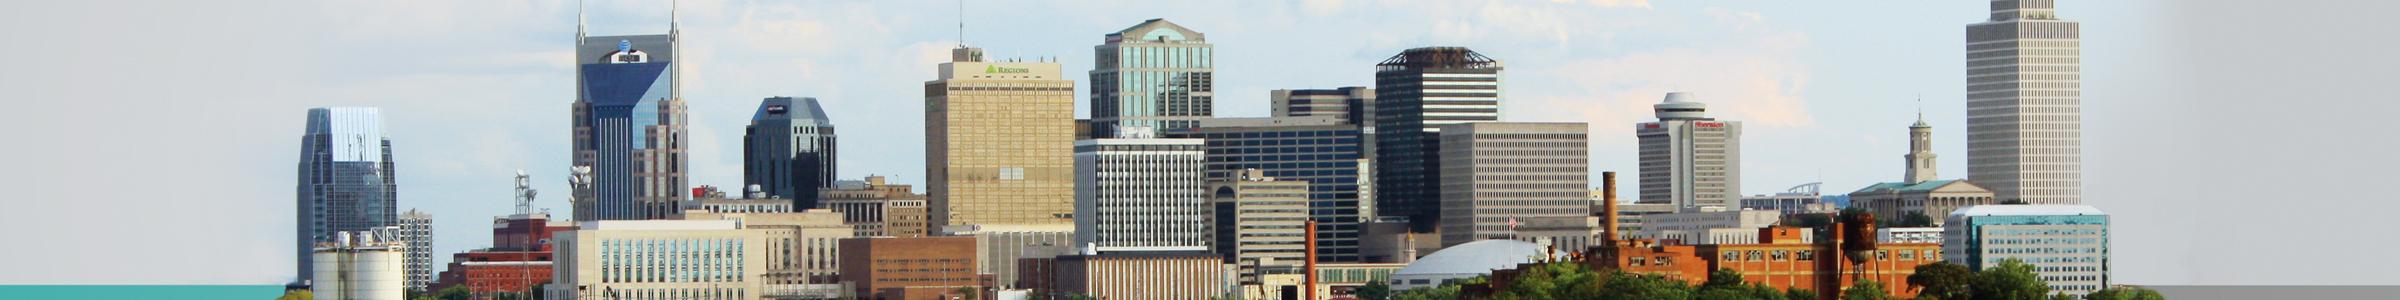 CivicHealth Nashville Skyline Banner